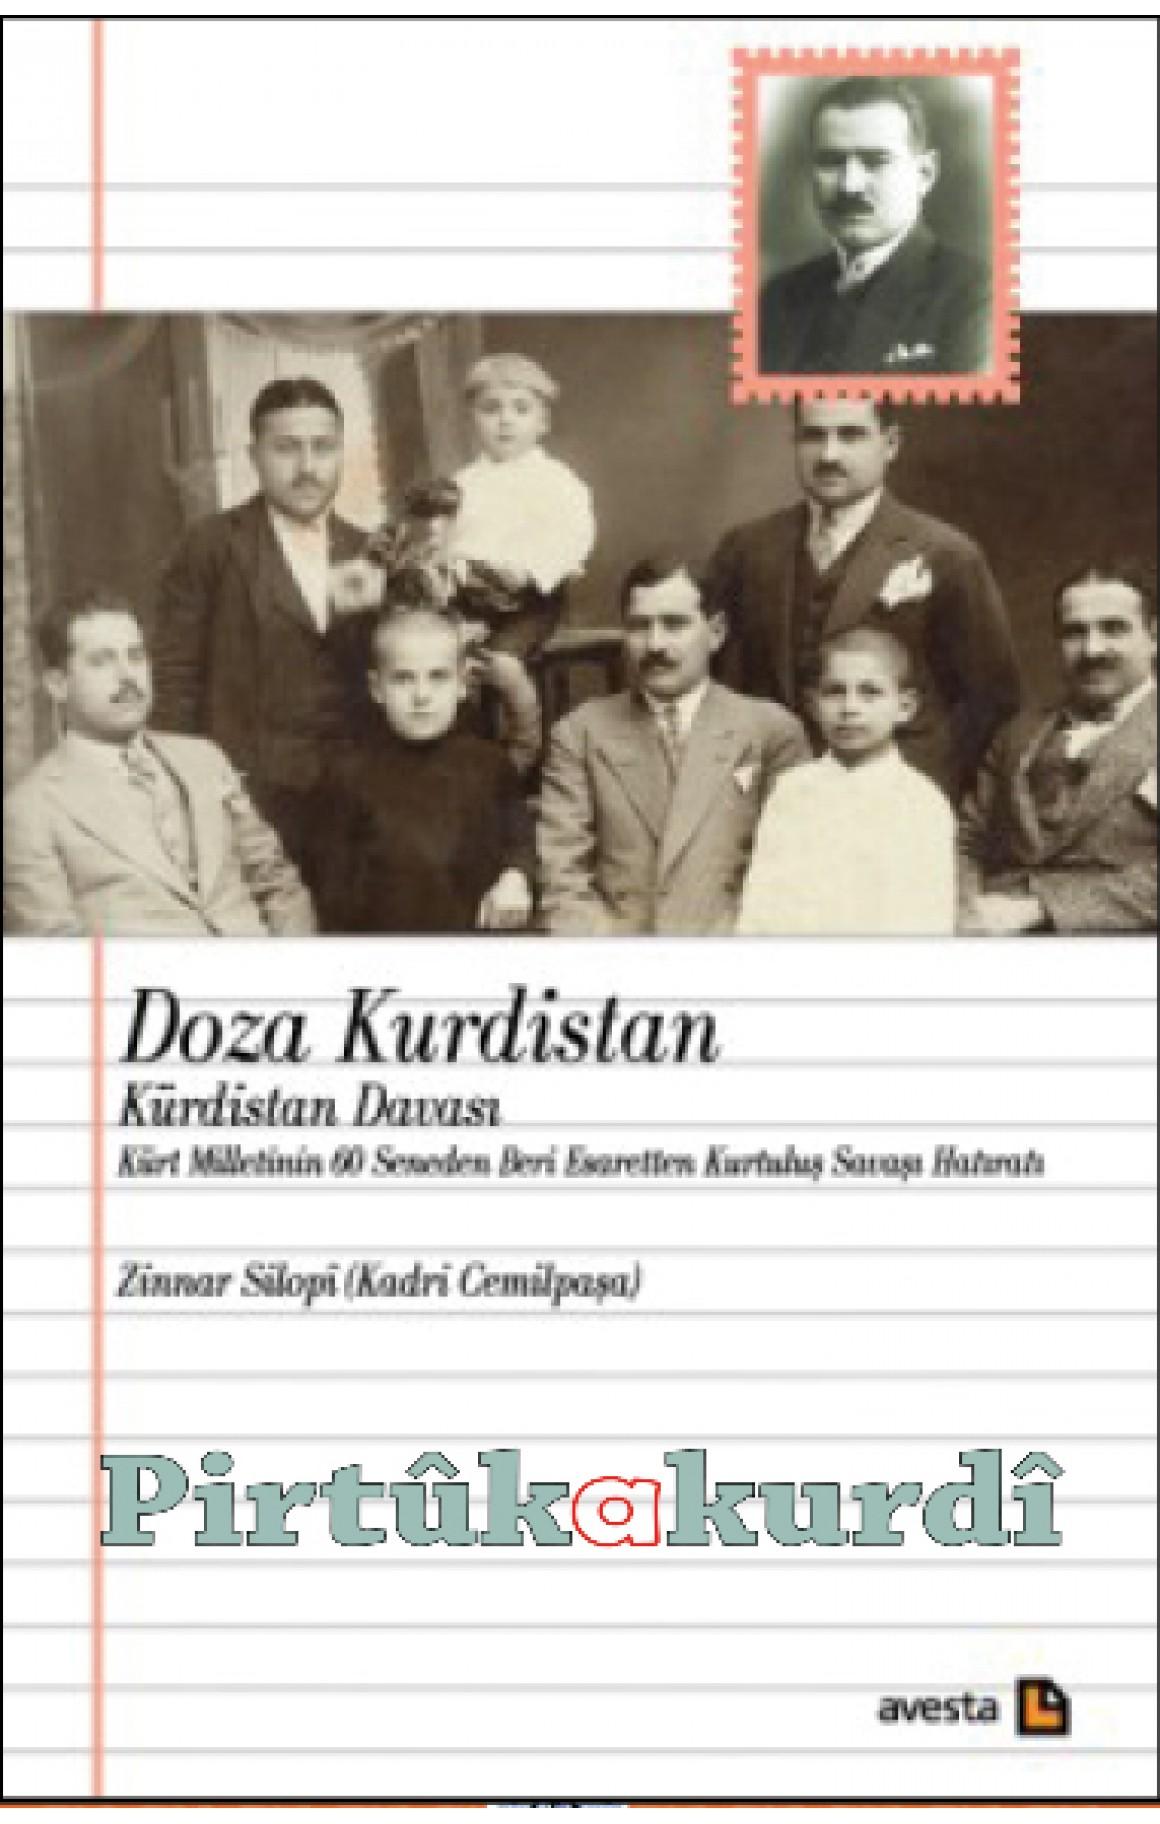 Doza Kurdistan – Kürdistan Davası Kürt Milletinin 60 Seneden Beri Esaretten Kurtuluş Savaşı Hatıratı